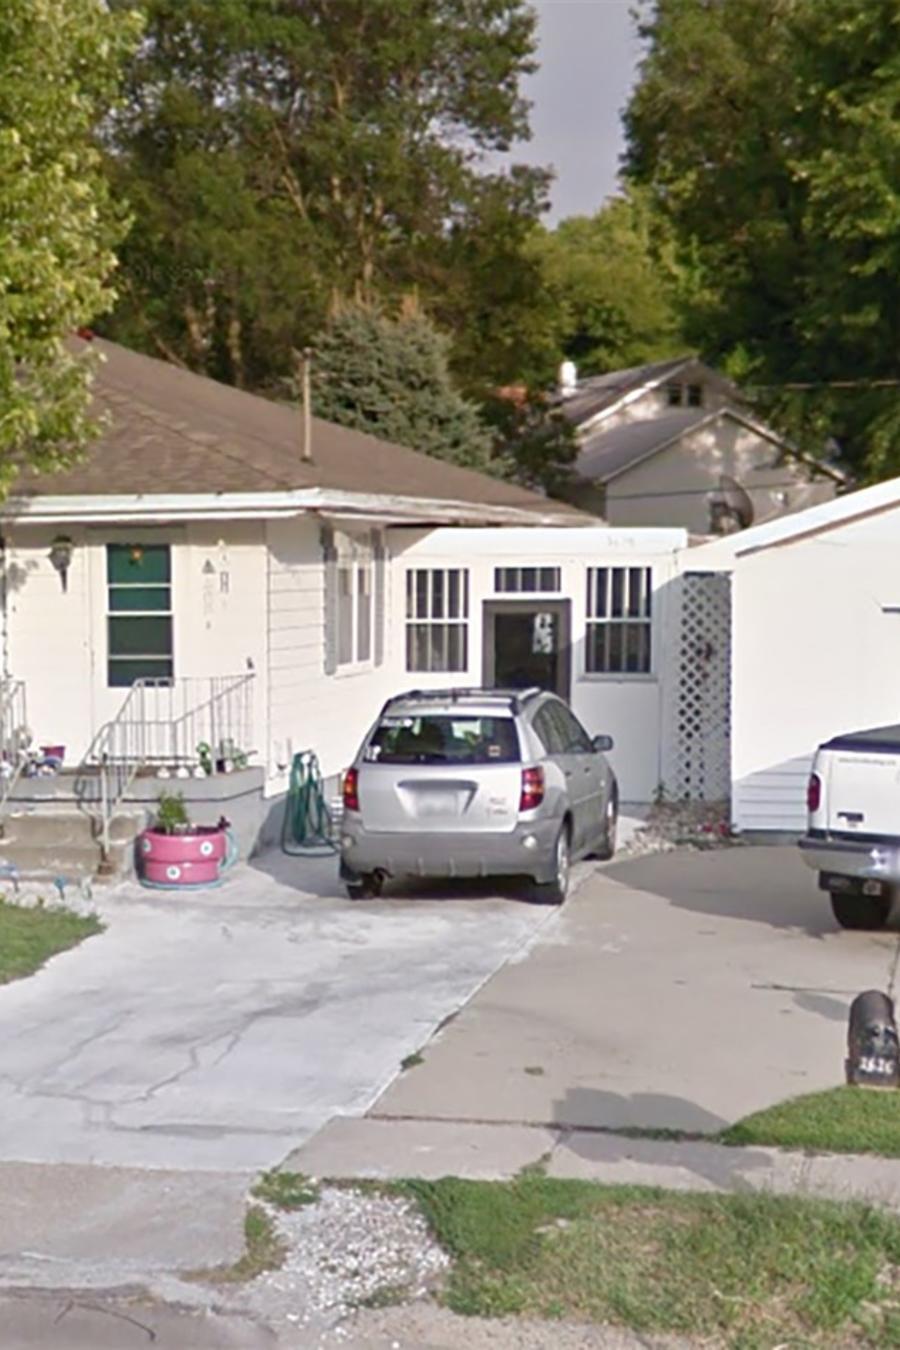 La casa de Sioux City, Iowa, donde supuestamente estaba retenida la joven víctima de dos detenidos por tráfico de seres humanos.